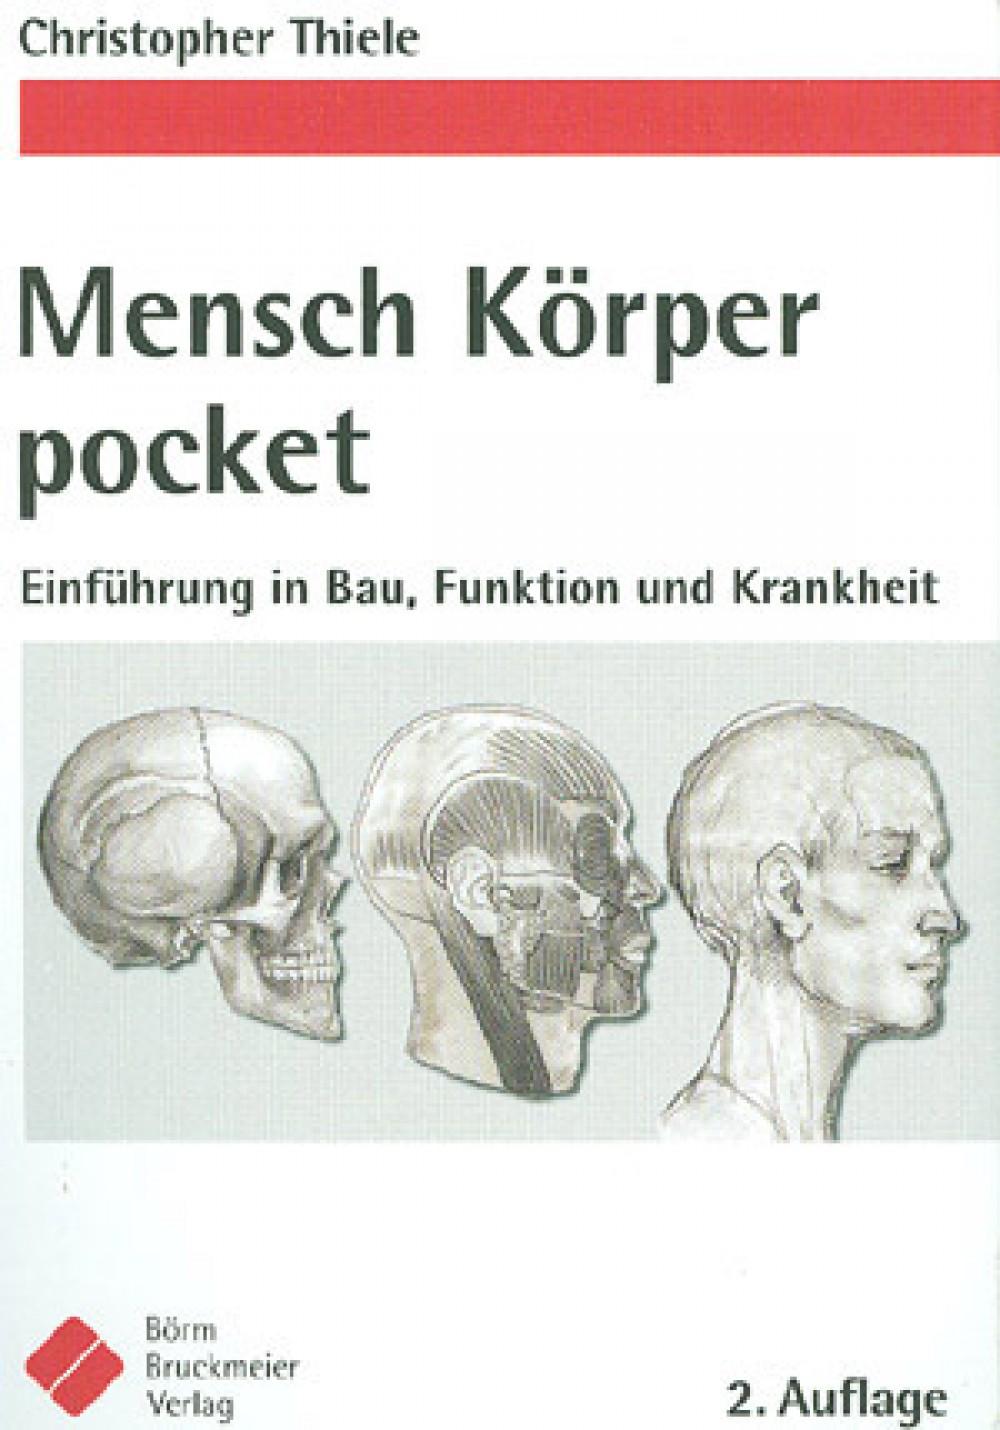 Thiele: Mensch Körper pocket 2. Auflage-02783